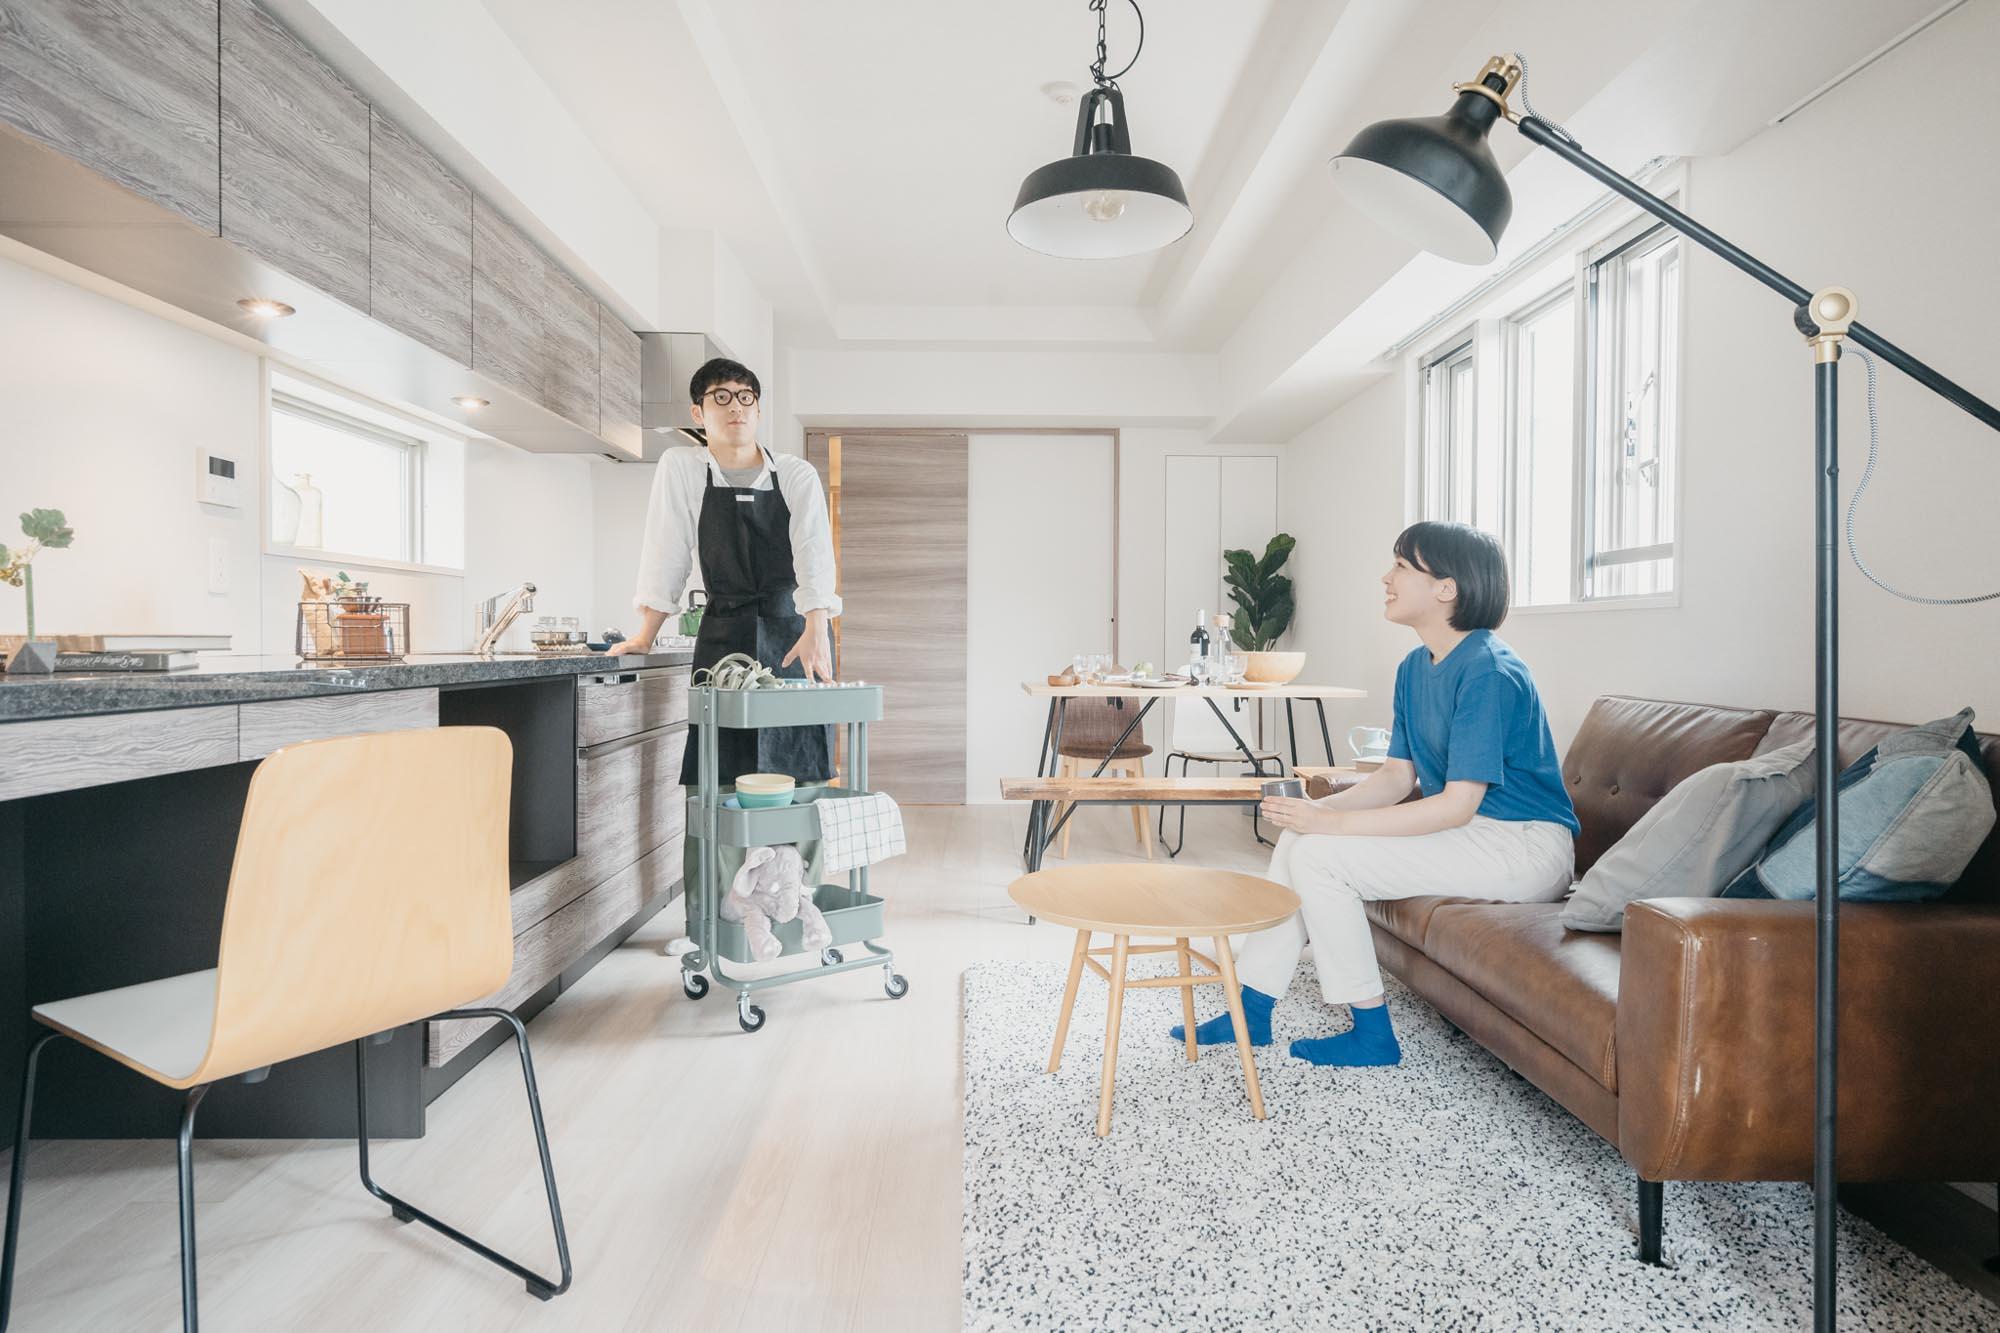 写真左から、グッドルームスタッフの三浦さんと木山さん。